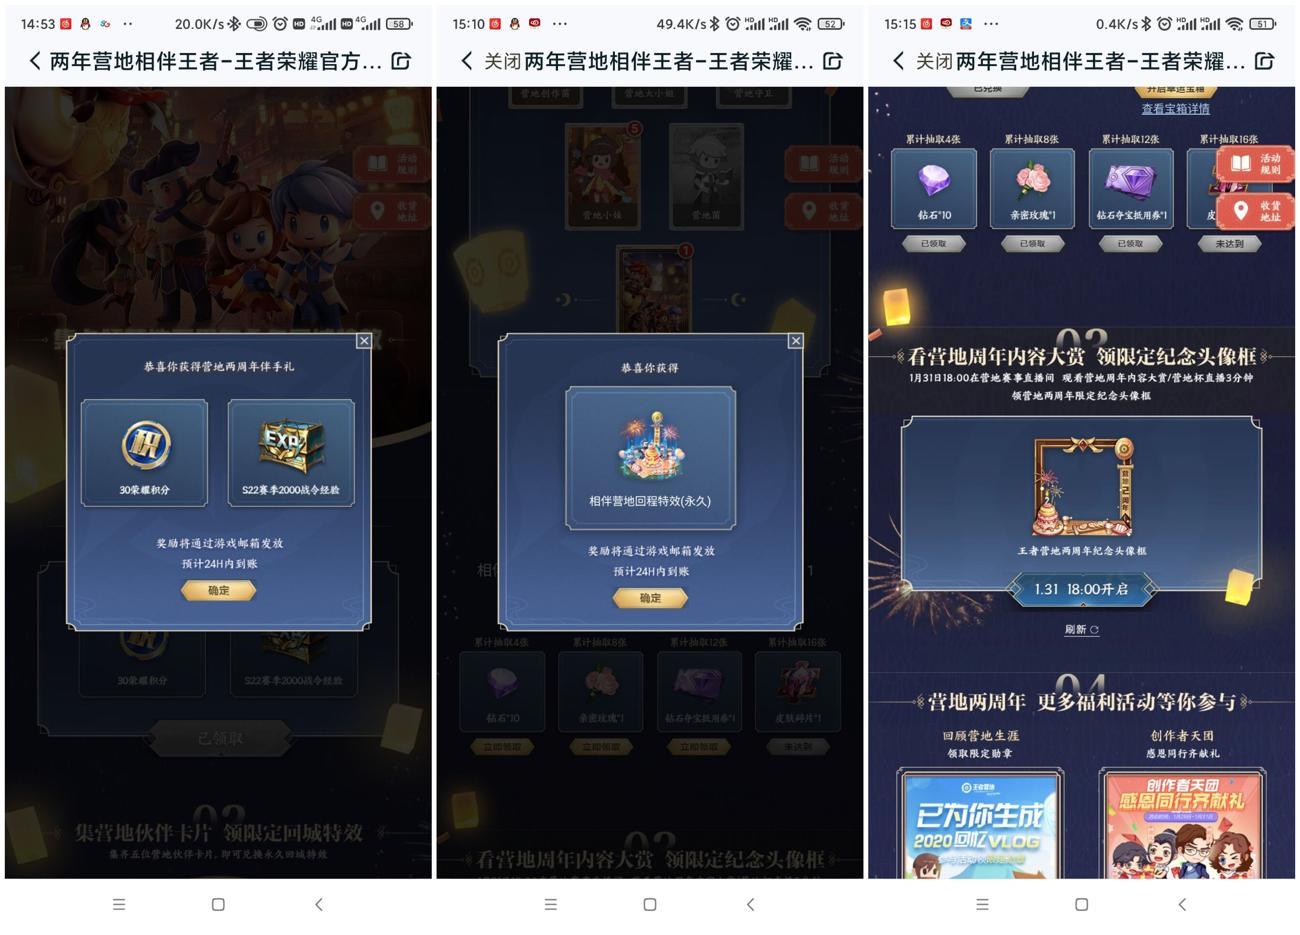 王者荣耀领取30积分兑换头像框最新活动